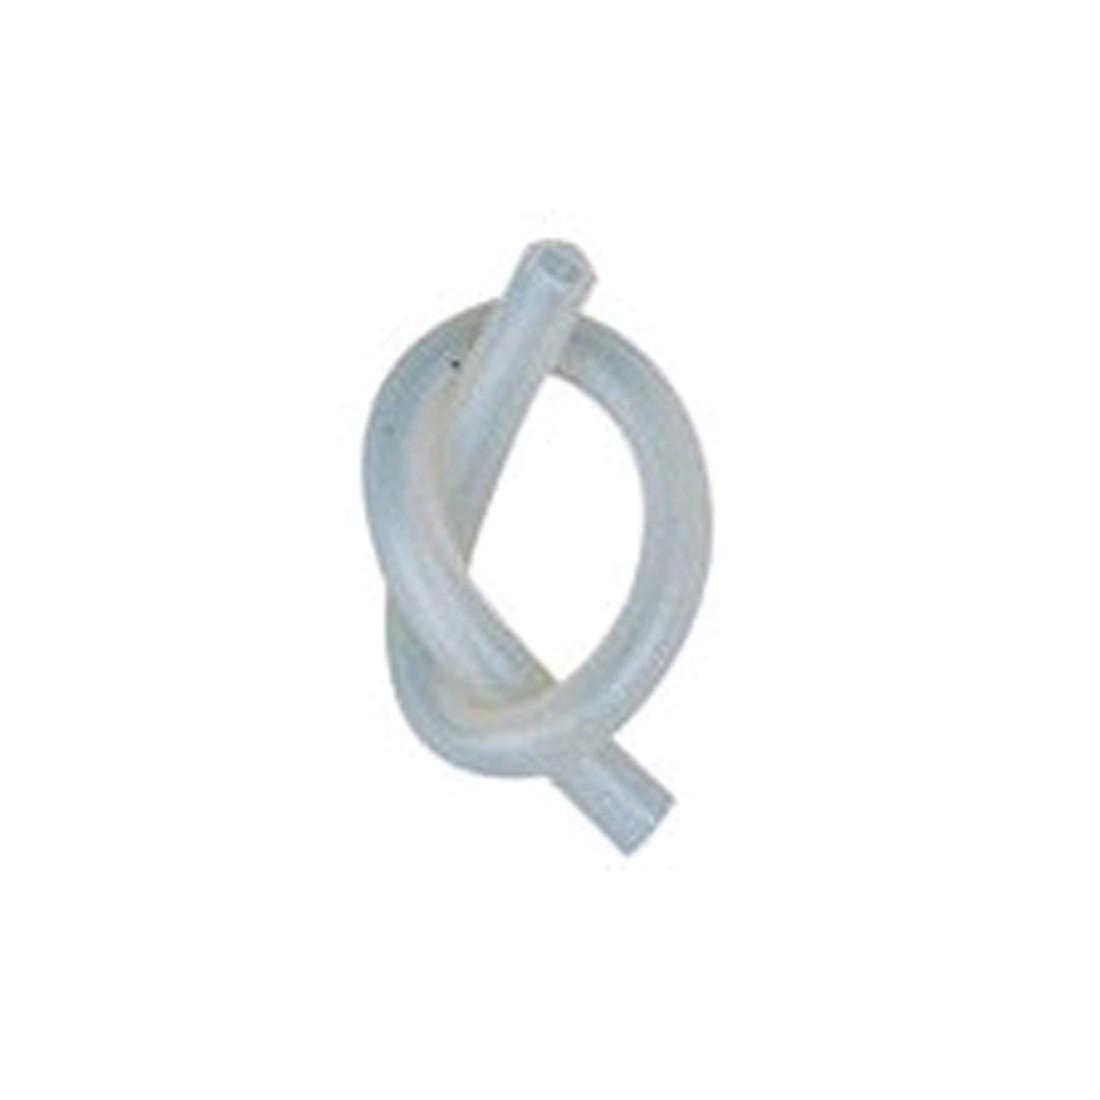 Silikon-Schlauch, durchsichtig, 4,0 x 1,0 mm, lfd. Meter